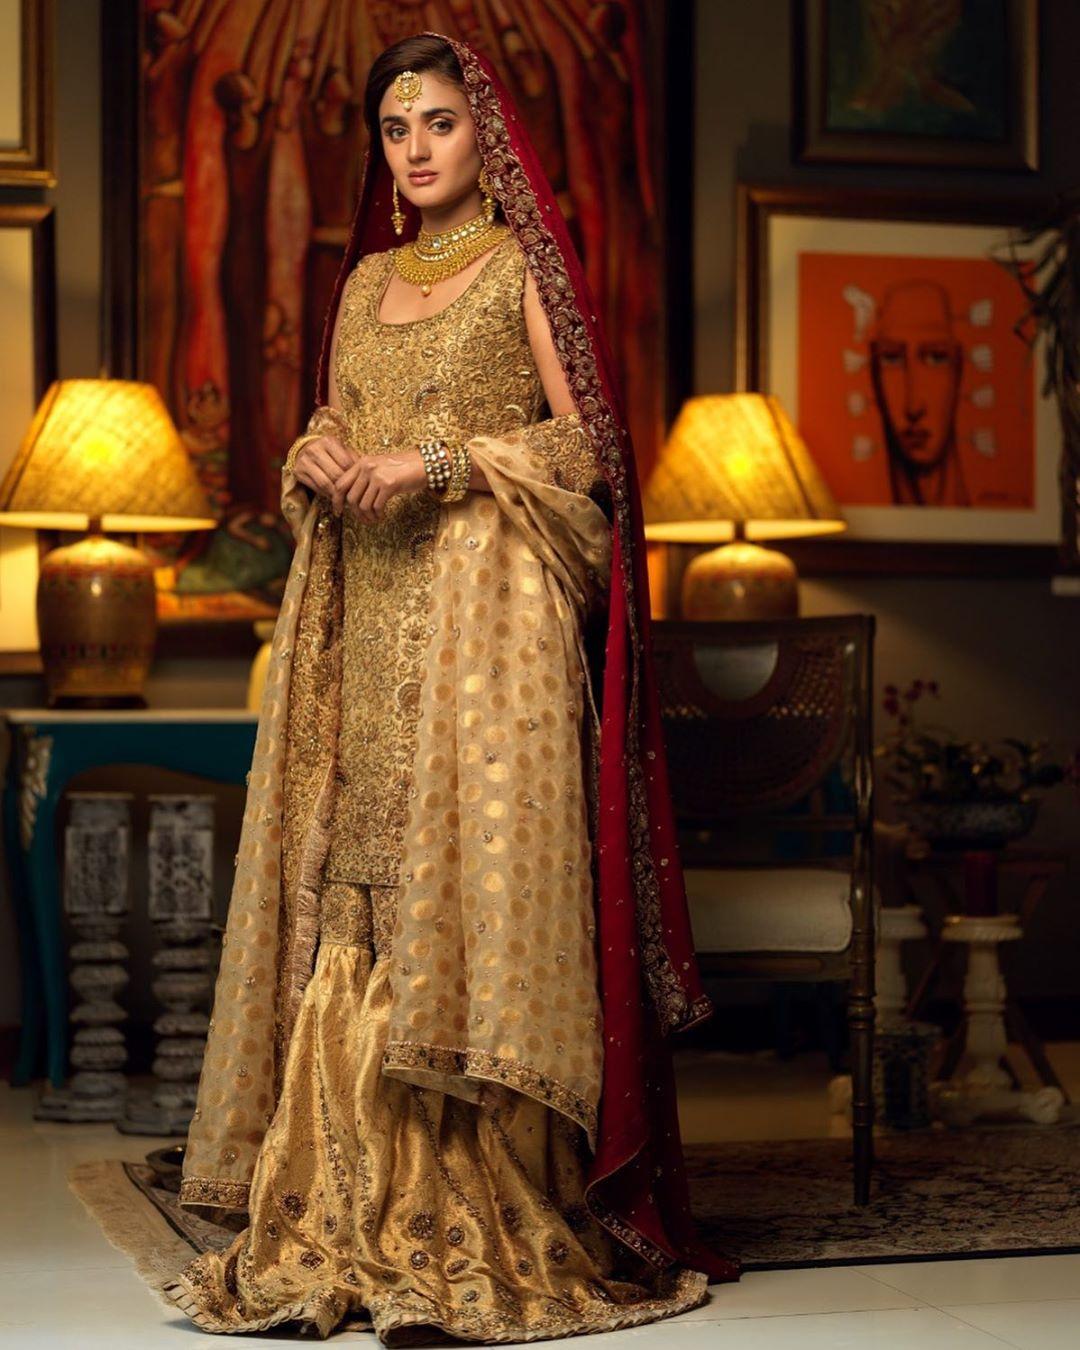 Beautiful Latest Bridal Photo Shoot of Hira Mani